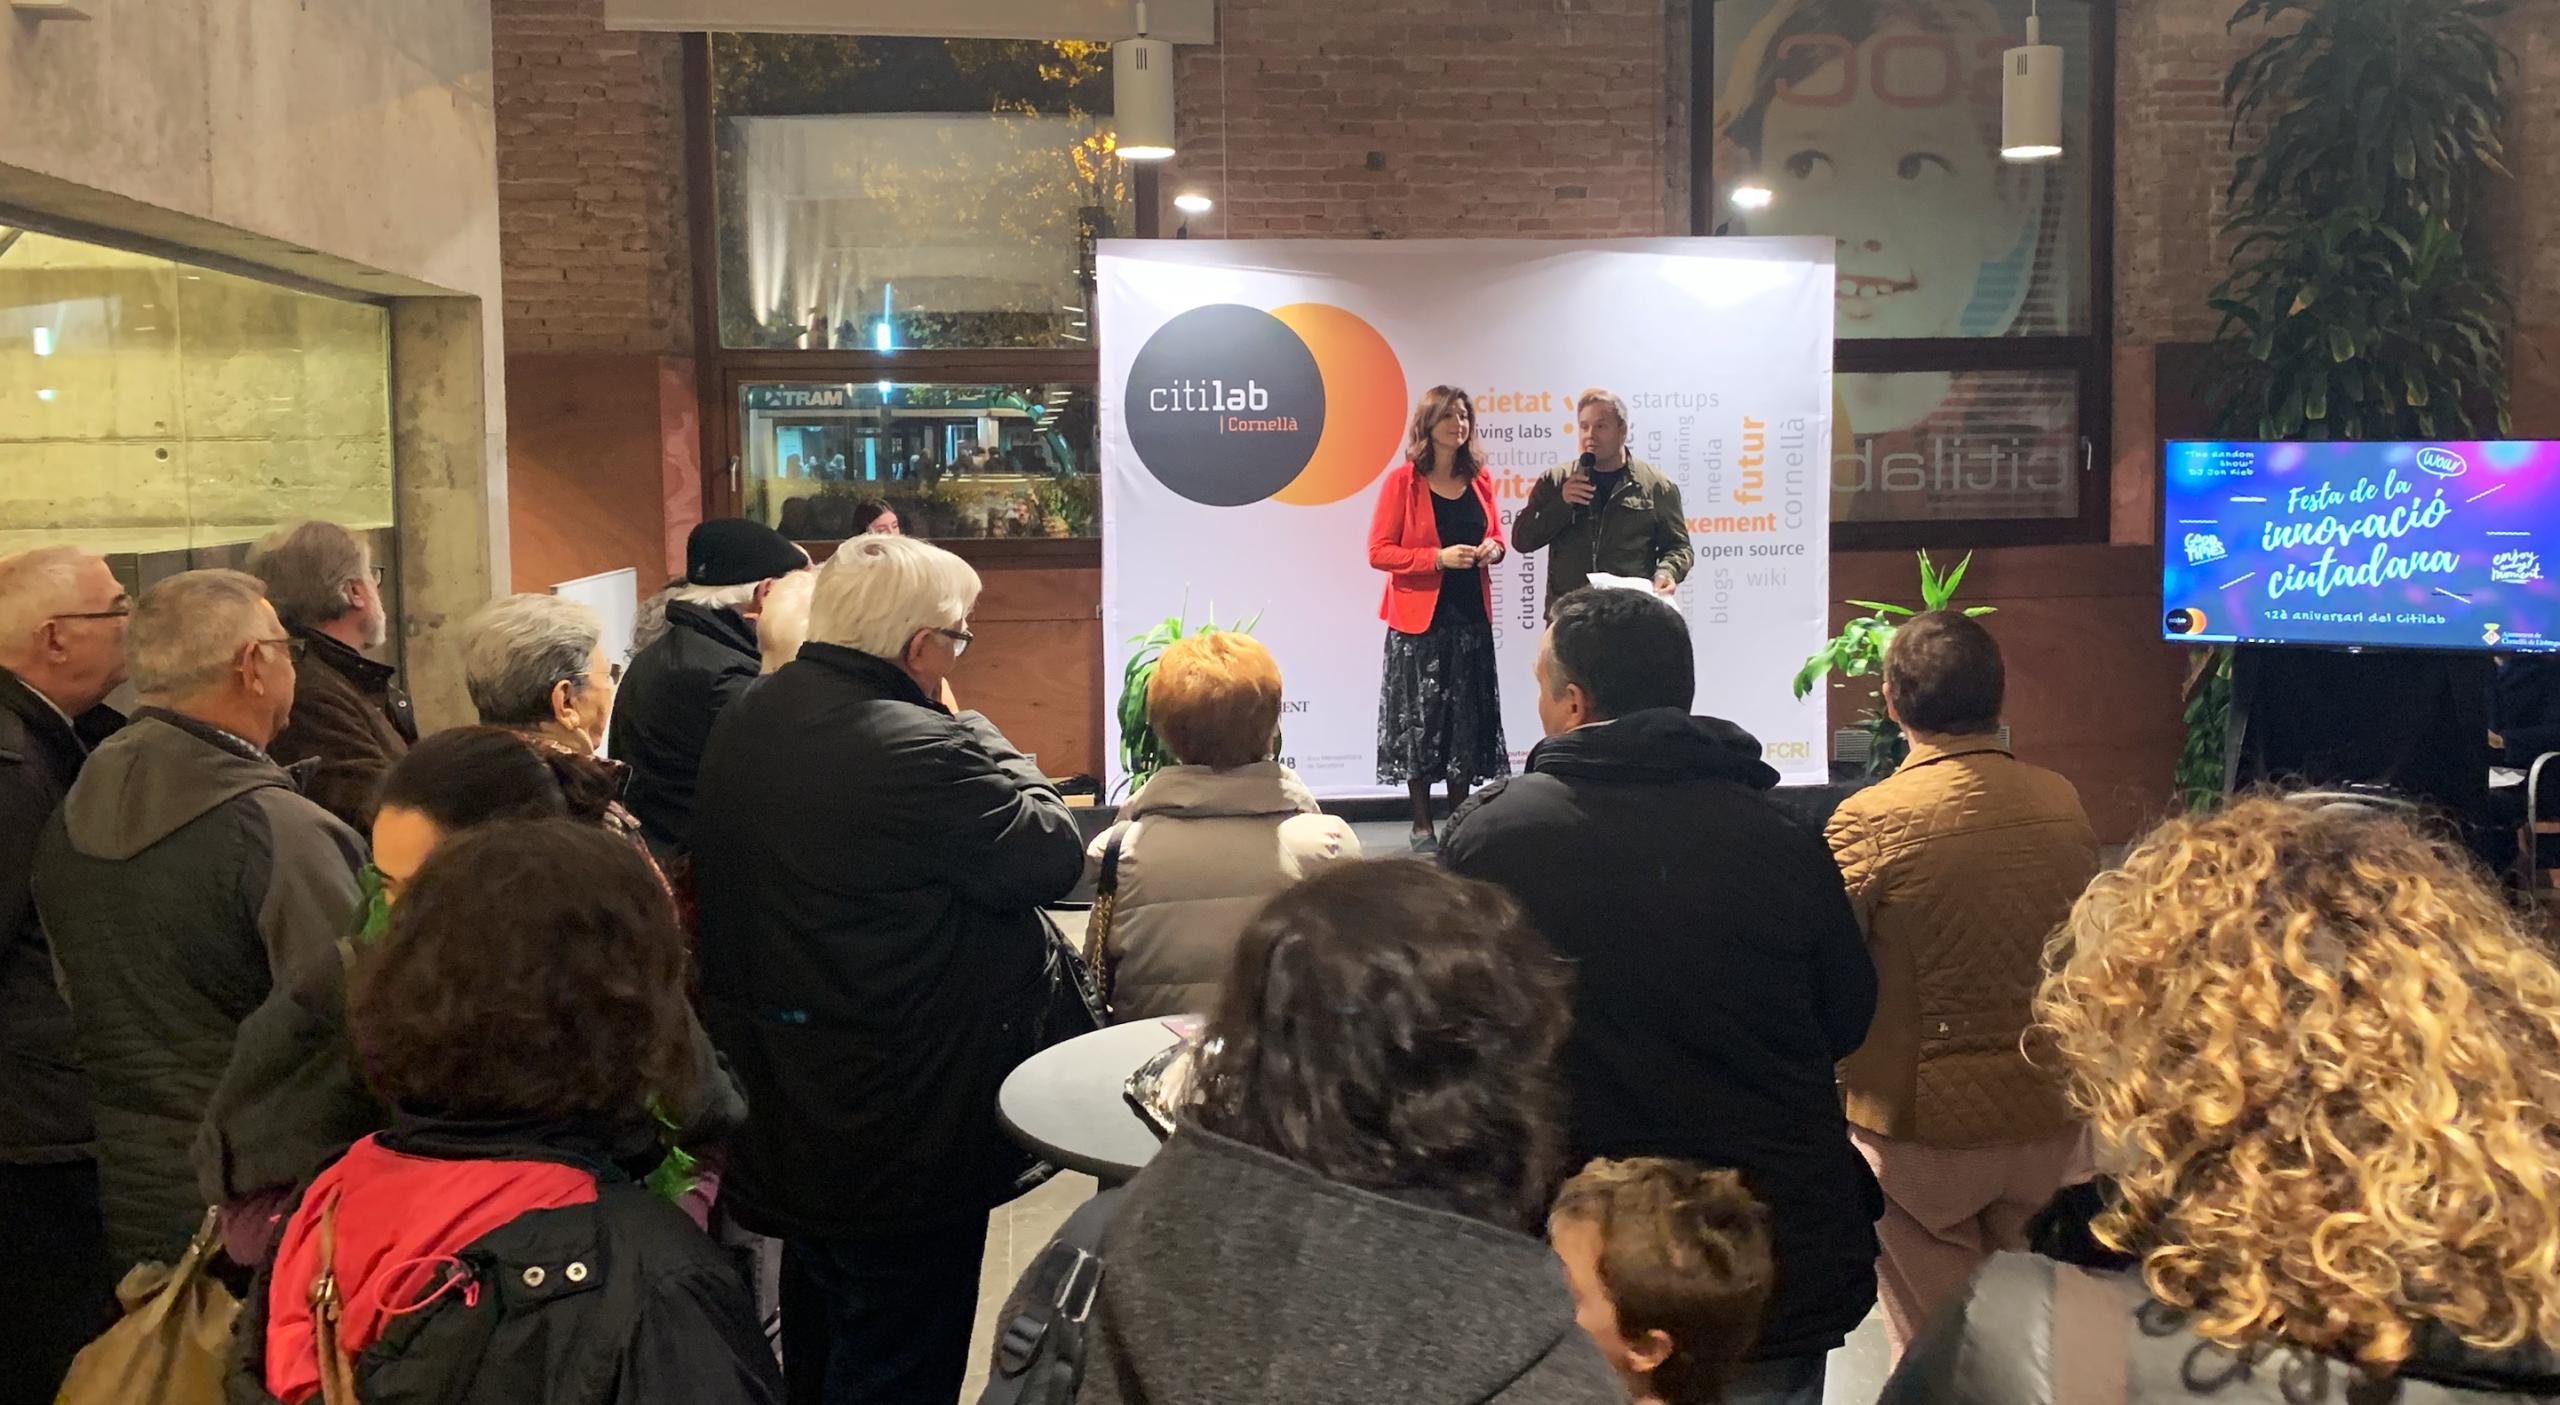 Citilab Celebra Els Seus 12 Anys Posant En Valor Les Seves Comunitats, Projectes I Col·laboradors En La Festa De La Innovació Ciutadana